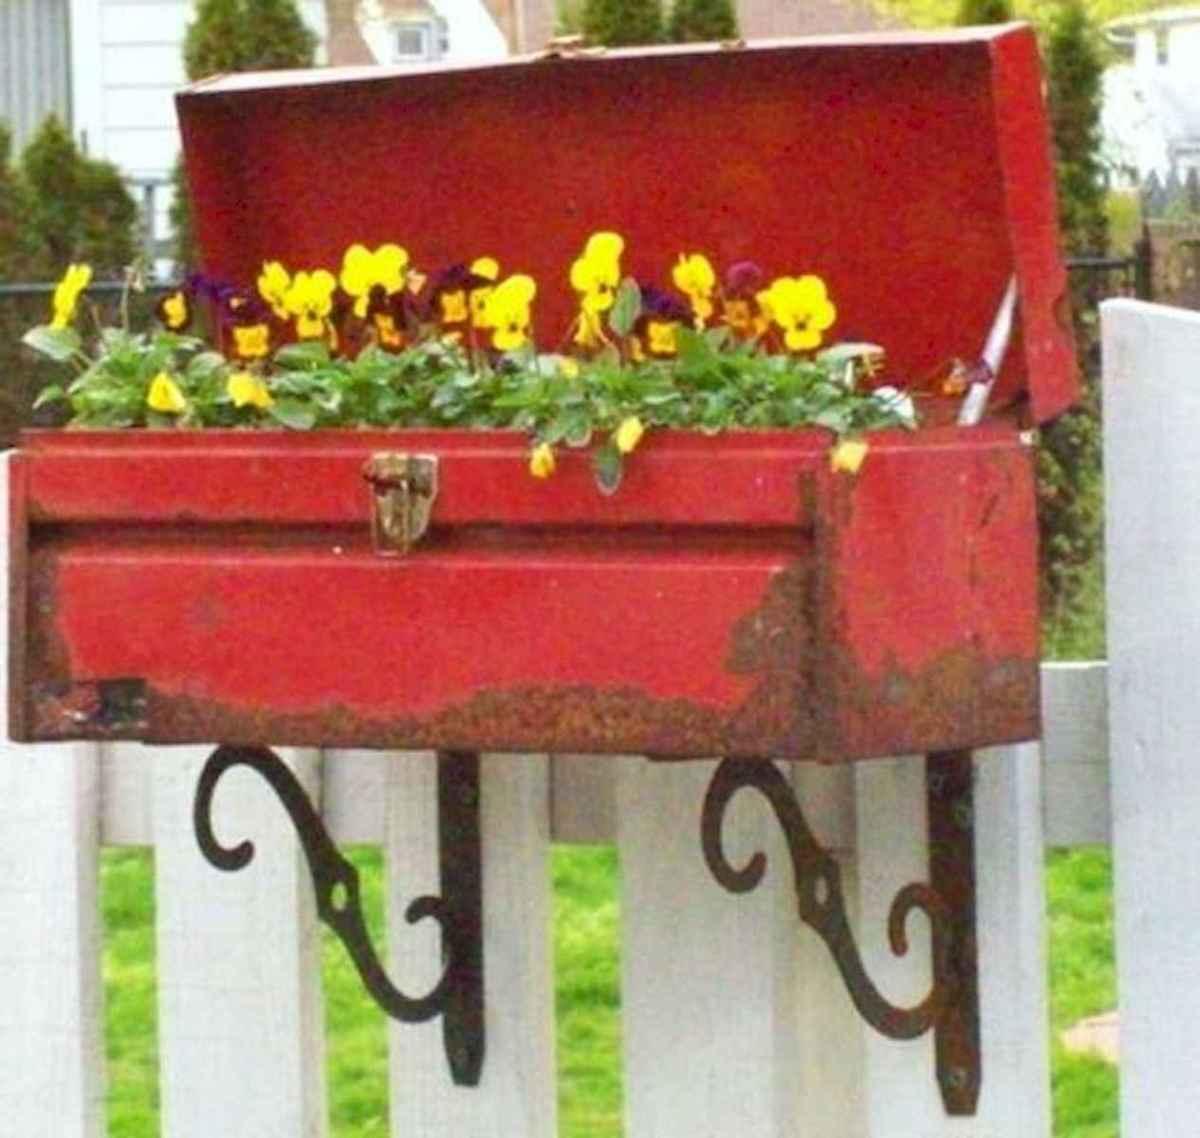 70 Creative and Inspiring Garden Art From Junk Design Ideas For Summer (29)